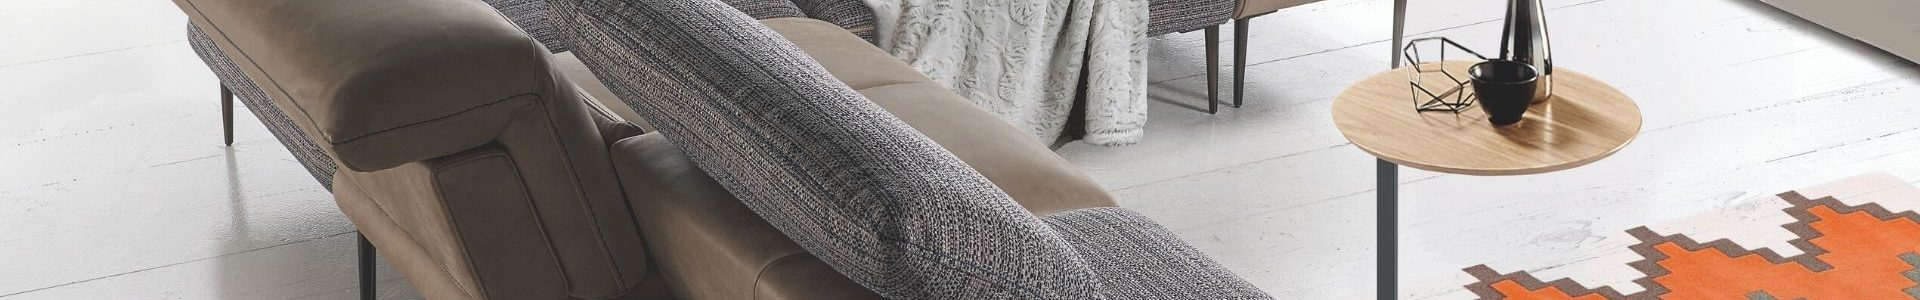 Canapé sur pied avec dossier amovible - STORY